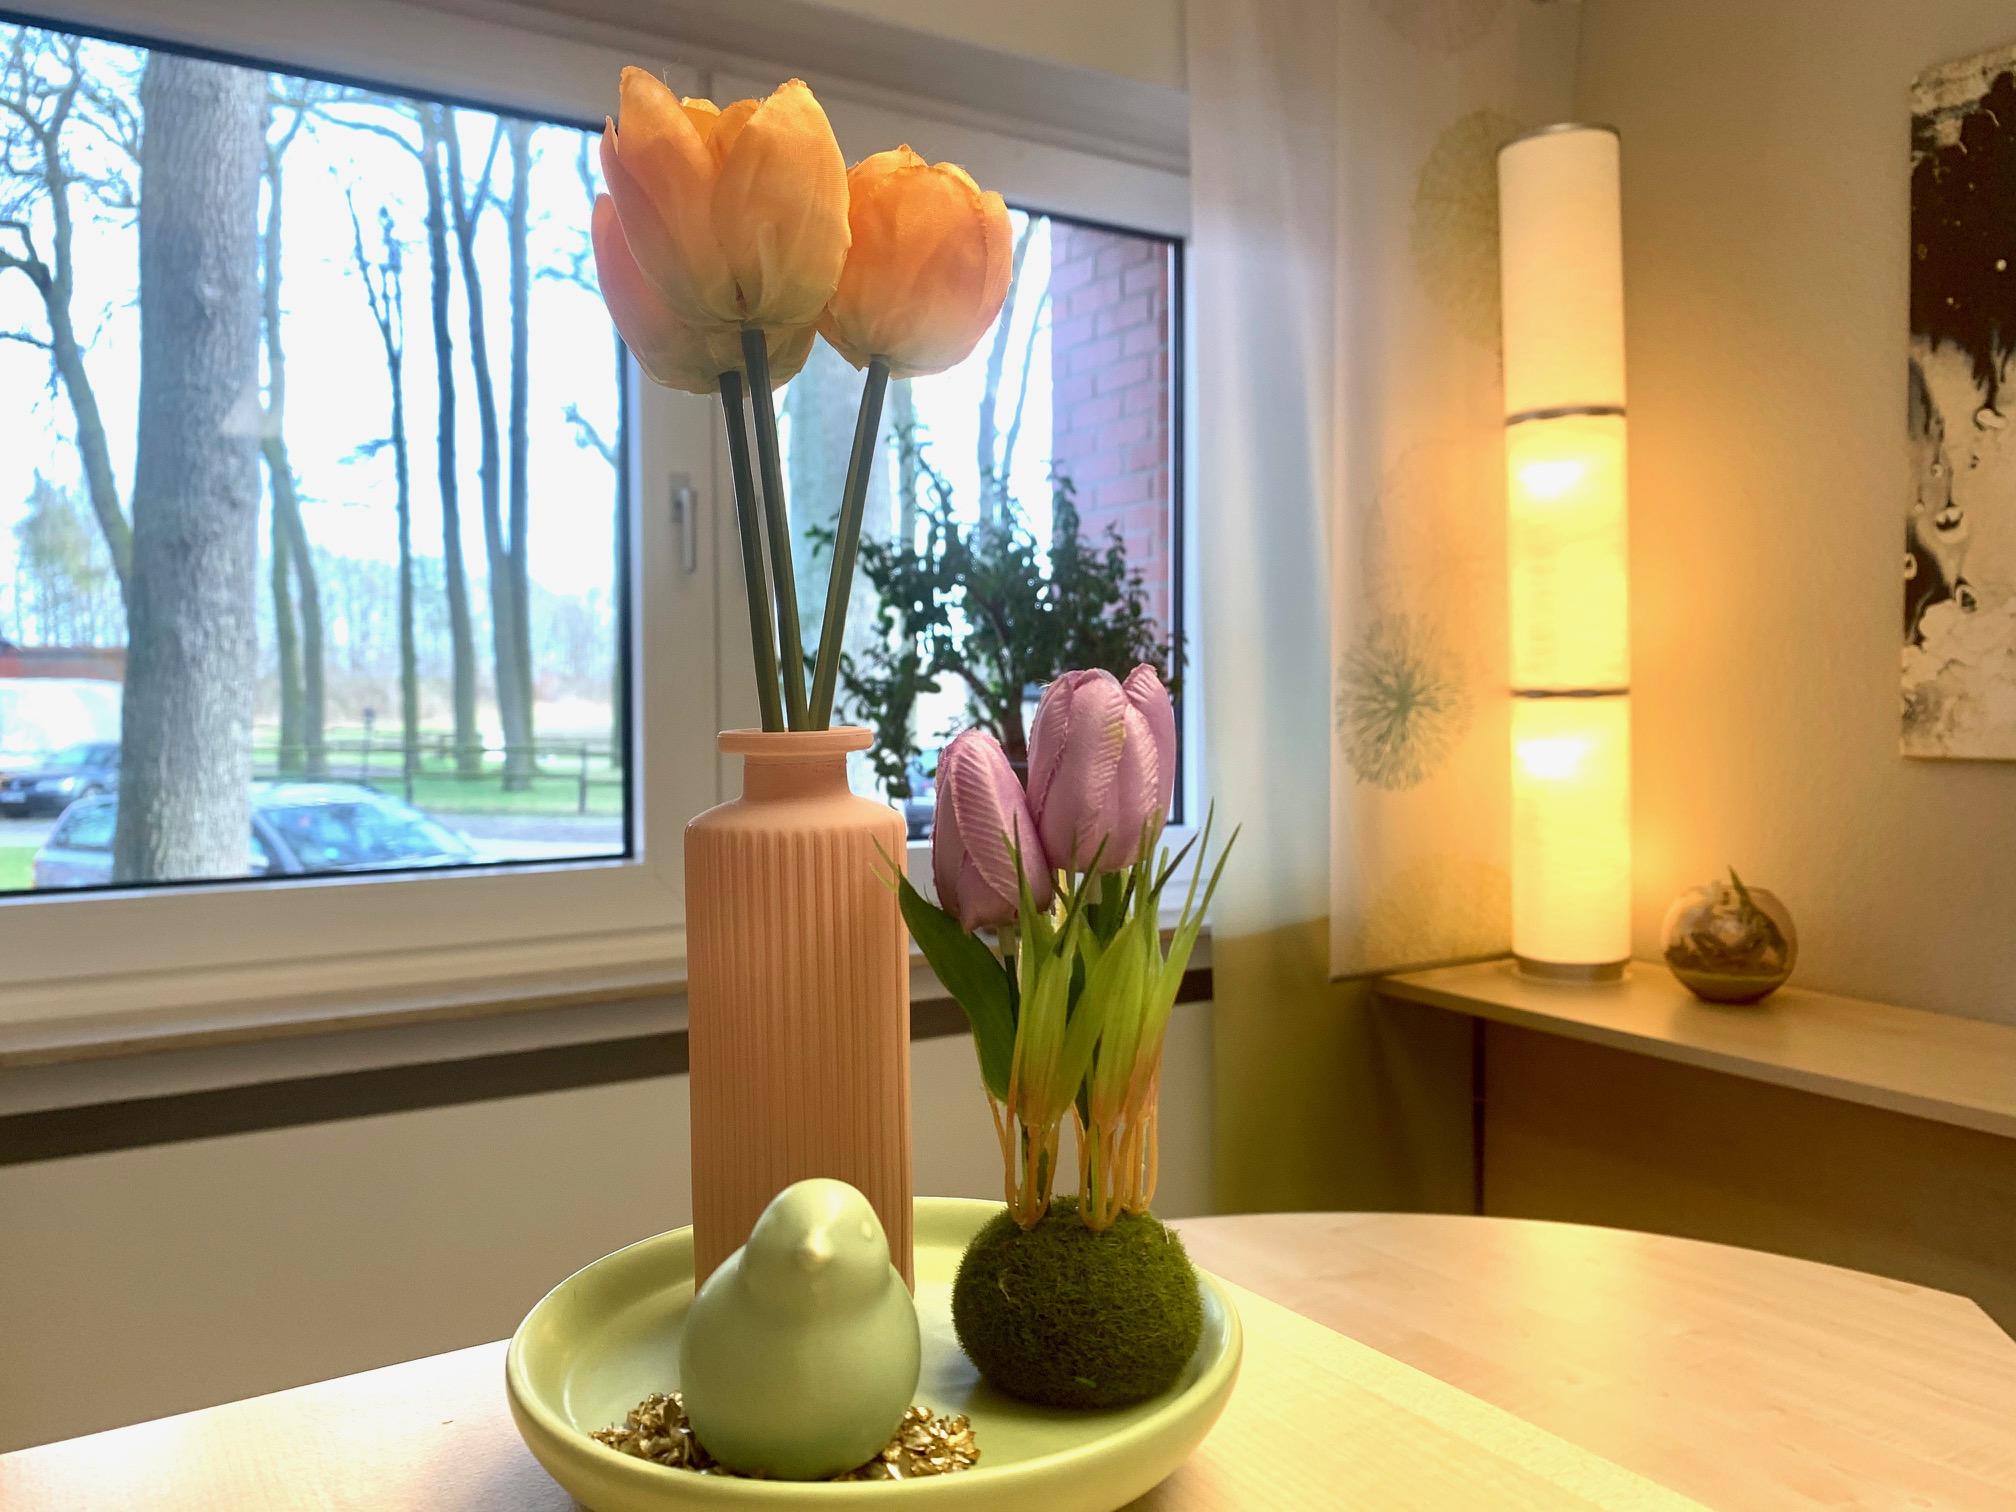 Frühlingdekoration Vase Blumen Vogel Hotel Haus Stallmeister Lippstadt 2